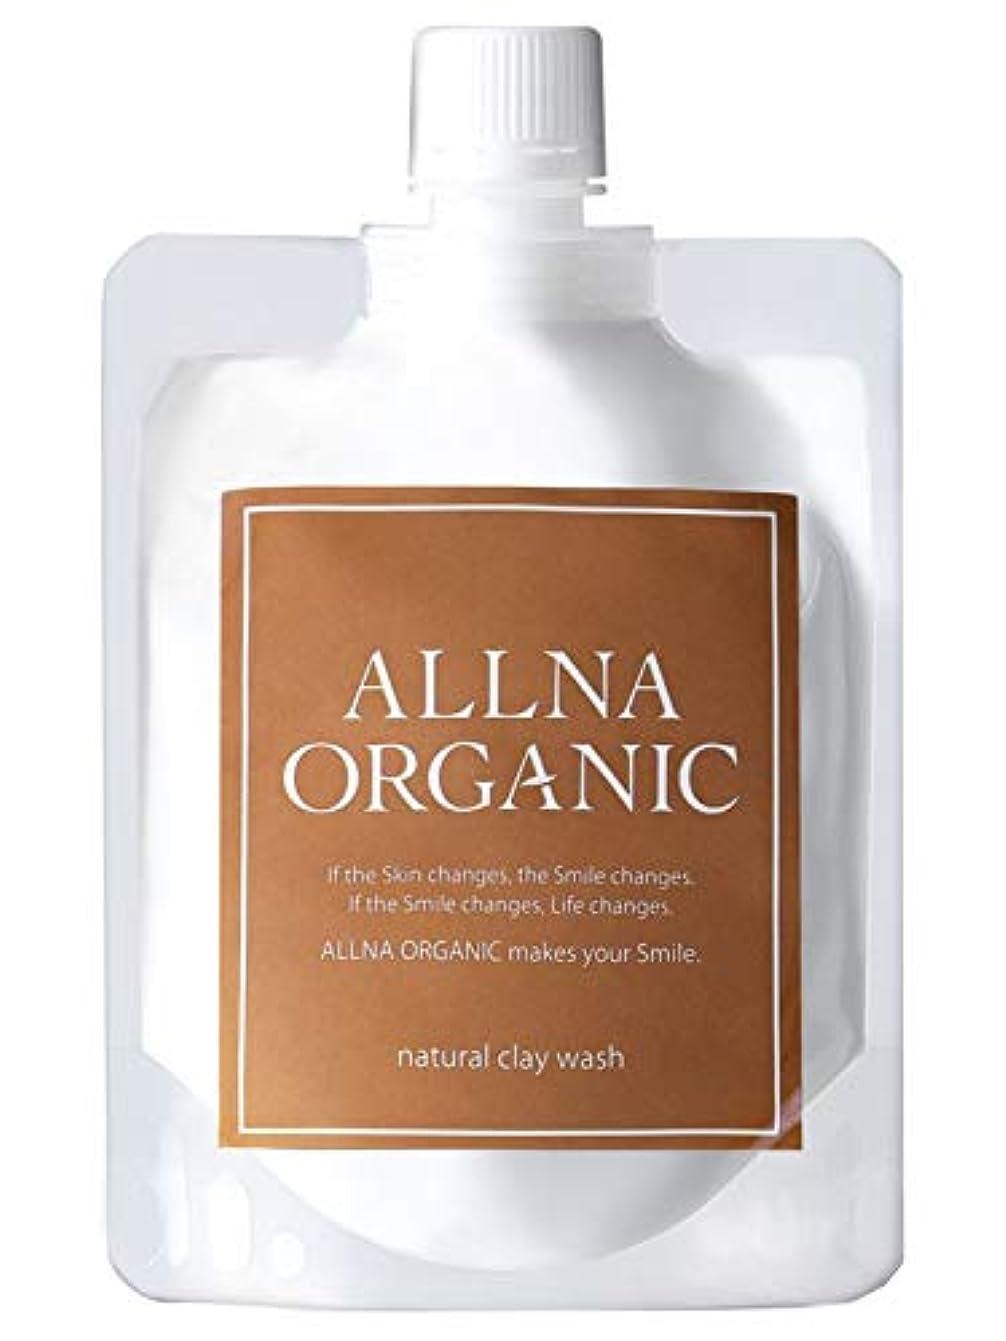 パール哀れな固有のオルナ オーガニック 泥 洗顔 「 毛穴 開き 黒ずみ 用」「 泡 ネット 付き」「 コラーゲン 3種類 + ヒアルロン酸 4種類 + ビタミンC 4種類 + セラミド 配合」 130g